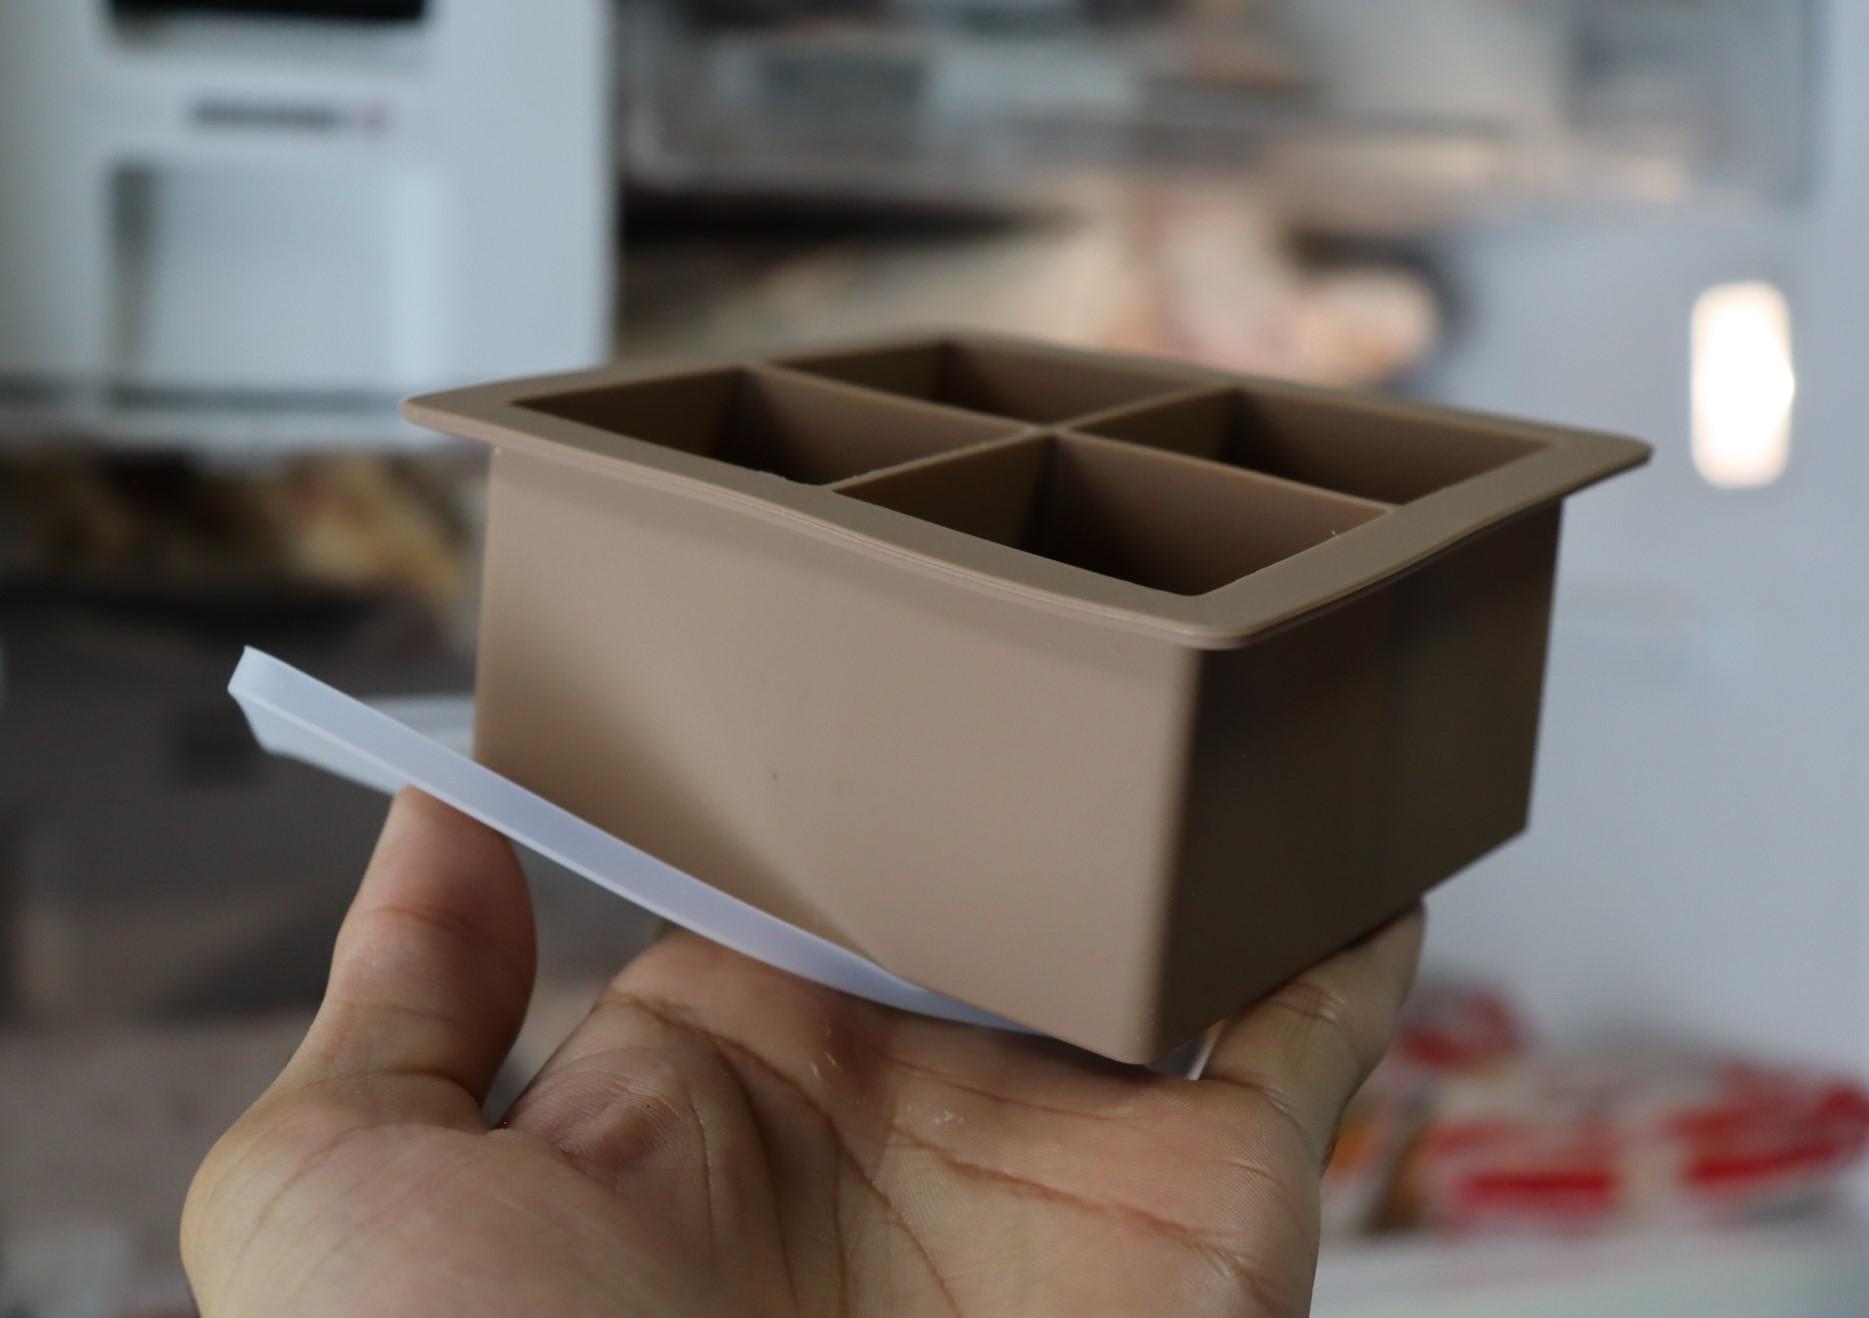 forma de silicone gelo com tampa papinha quadrada 4 cubos grandes marrom sem bpa forminhas